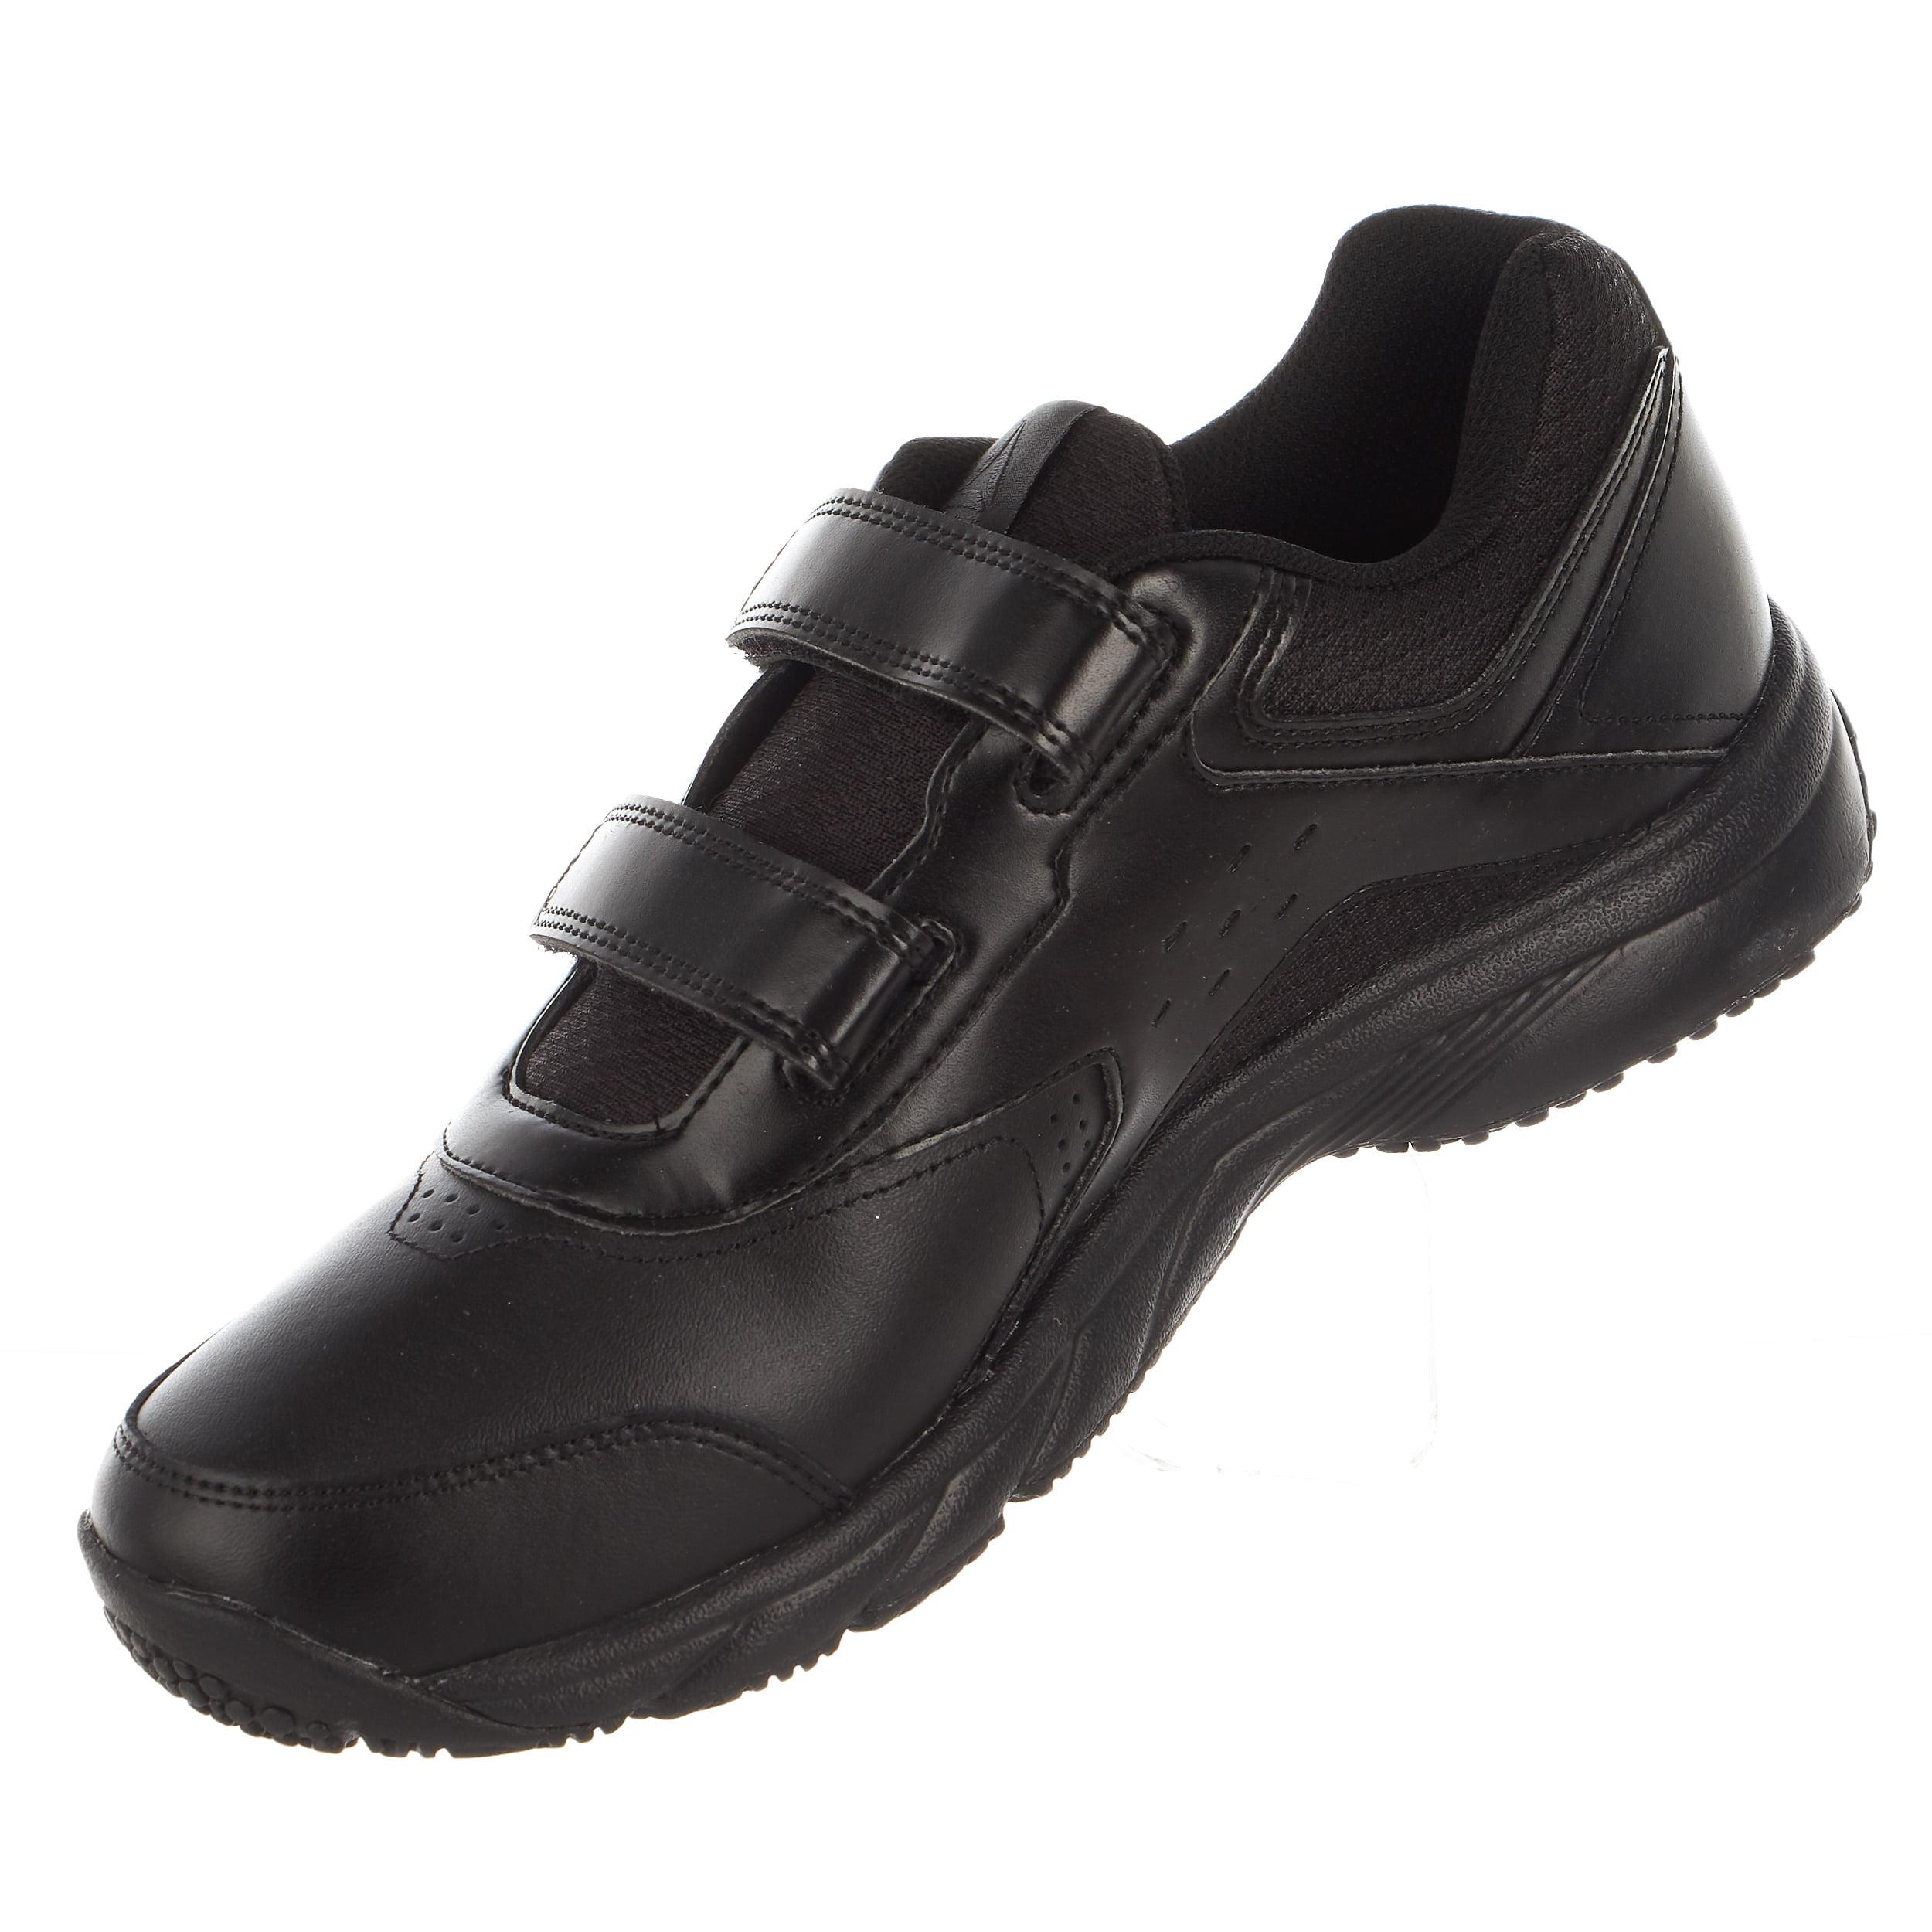 Reebok Reebok Mens Work N Cushion 3.0 KC Walking Shoe